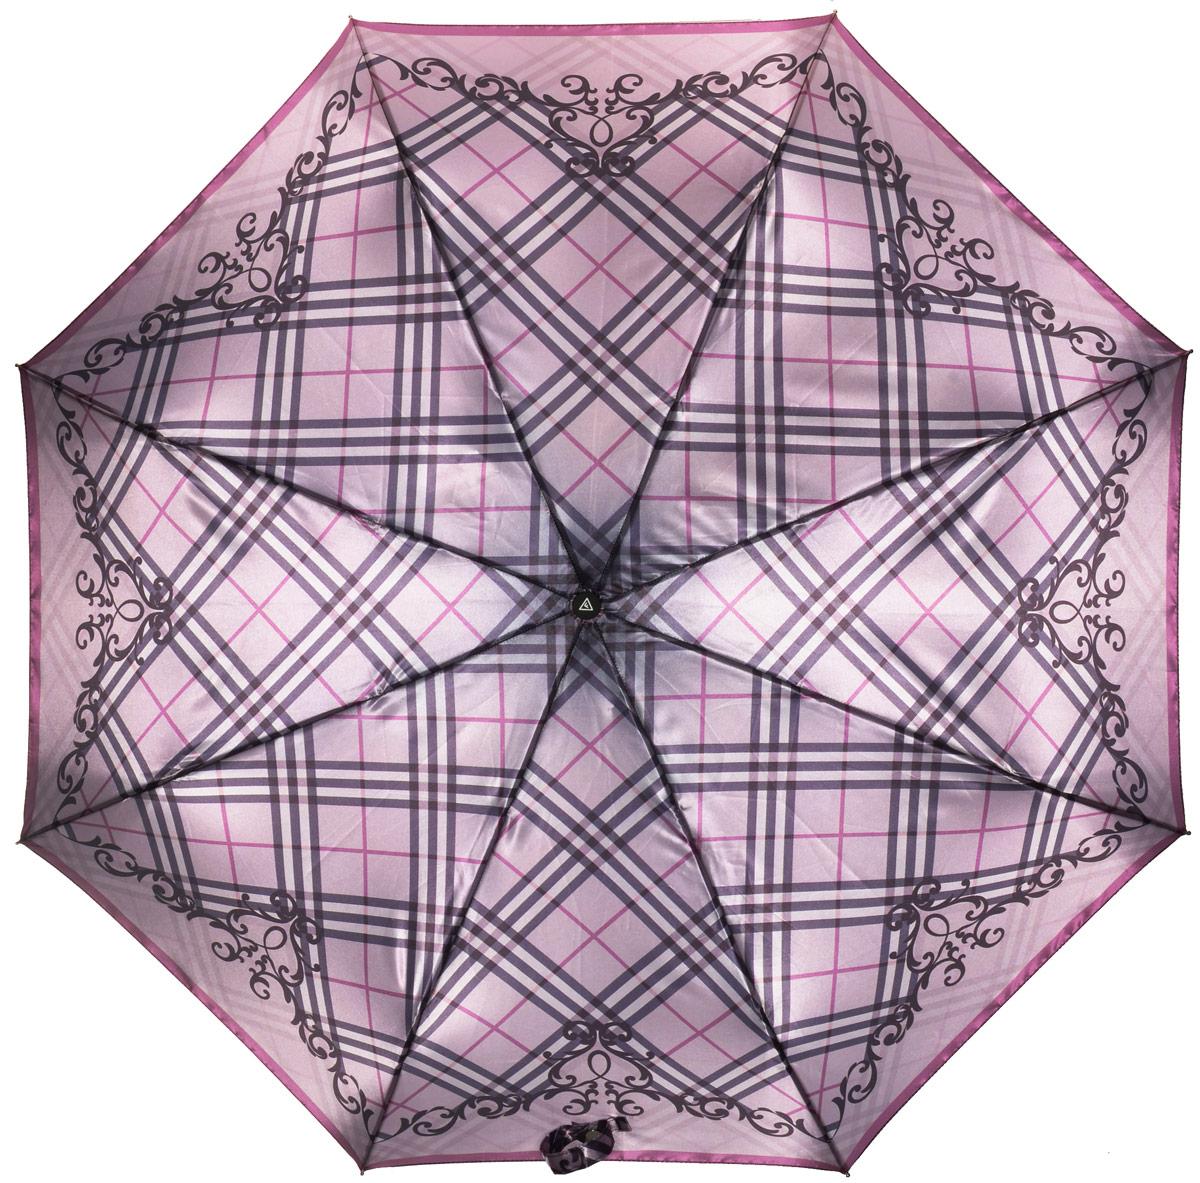 купить Зонт женский Fabretti, автомат, 3 сложения, цвет: лиловый, серый. L-16106-8 по цене 1089 рублей